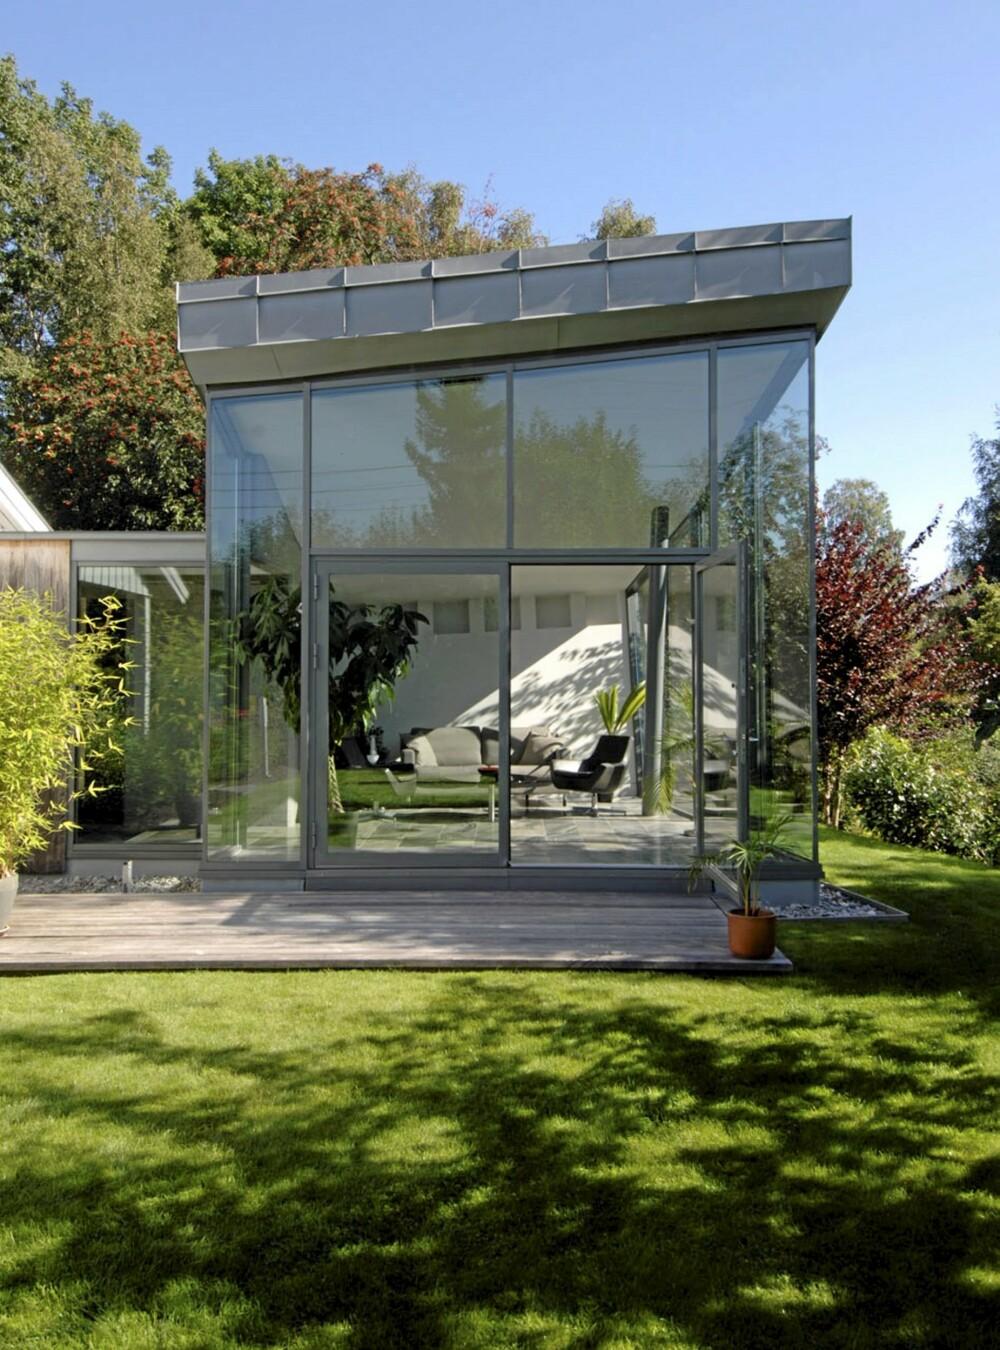 TOTALT FRISLEPP: Det arkitekttegnete tilbygget, hagestuen åpner seg maksimalt mot solen. Bygningen måler nesten fire meter på det høyeste og vel to meter på det laveste. Vinduene er satt inn i smekre, ikkebærende stålrammer som ikke stjeler noe av utsikten. De gir soliditet til den enorme glassfasaden, men det er de kraftige søylene  lenger inn i rommet og bakveggen i betong som bærer  konstruksjonen. Glasset fortsetter også rundt hjørnet til venstre mot mellomgangen og hovedhuset.